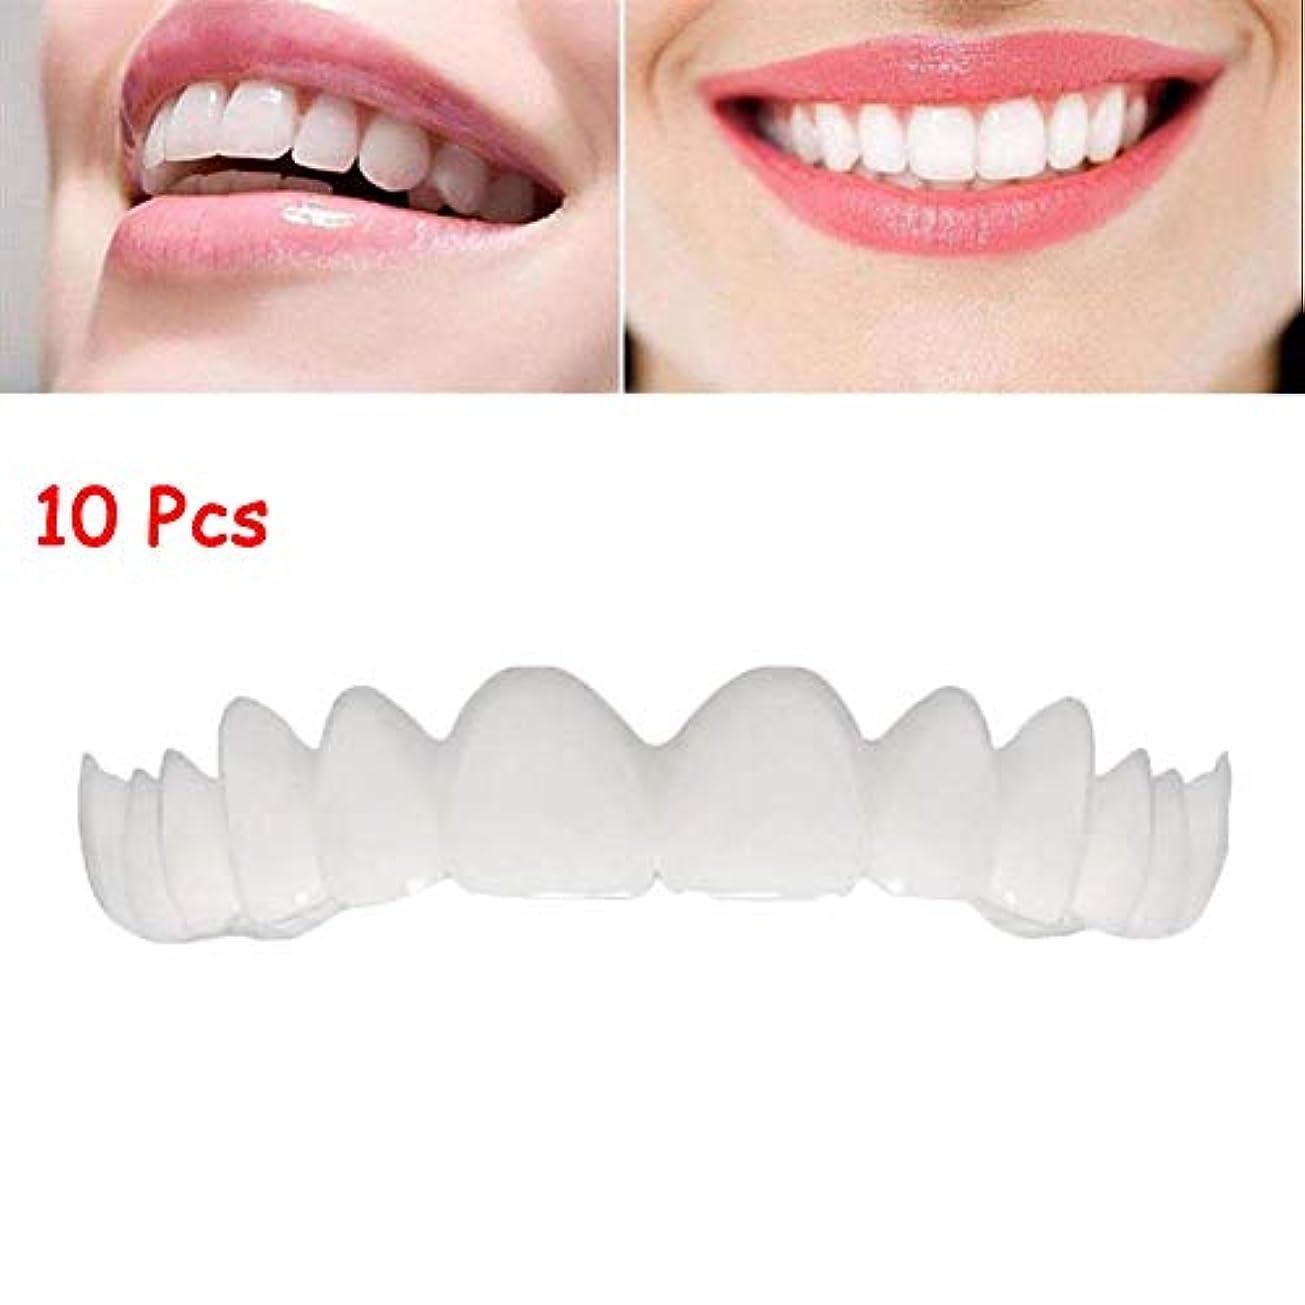 仕出します追記悲劇的な10本の一時的な化粧品の歯義歯歯の化粧品模擬装具アッパーブレースホワイトニング歯スナップキャップインスタント快適なフレックスパーフェクトベニア